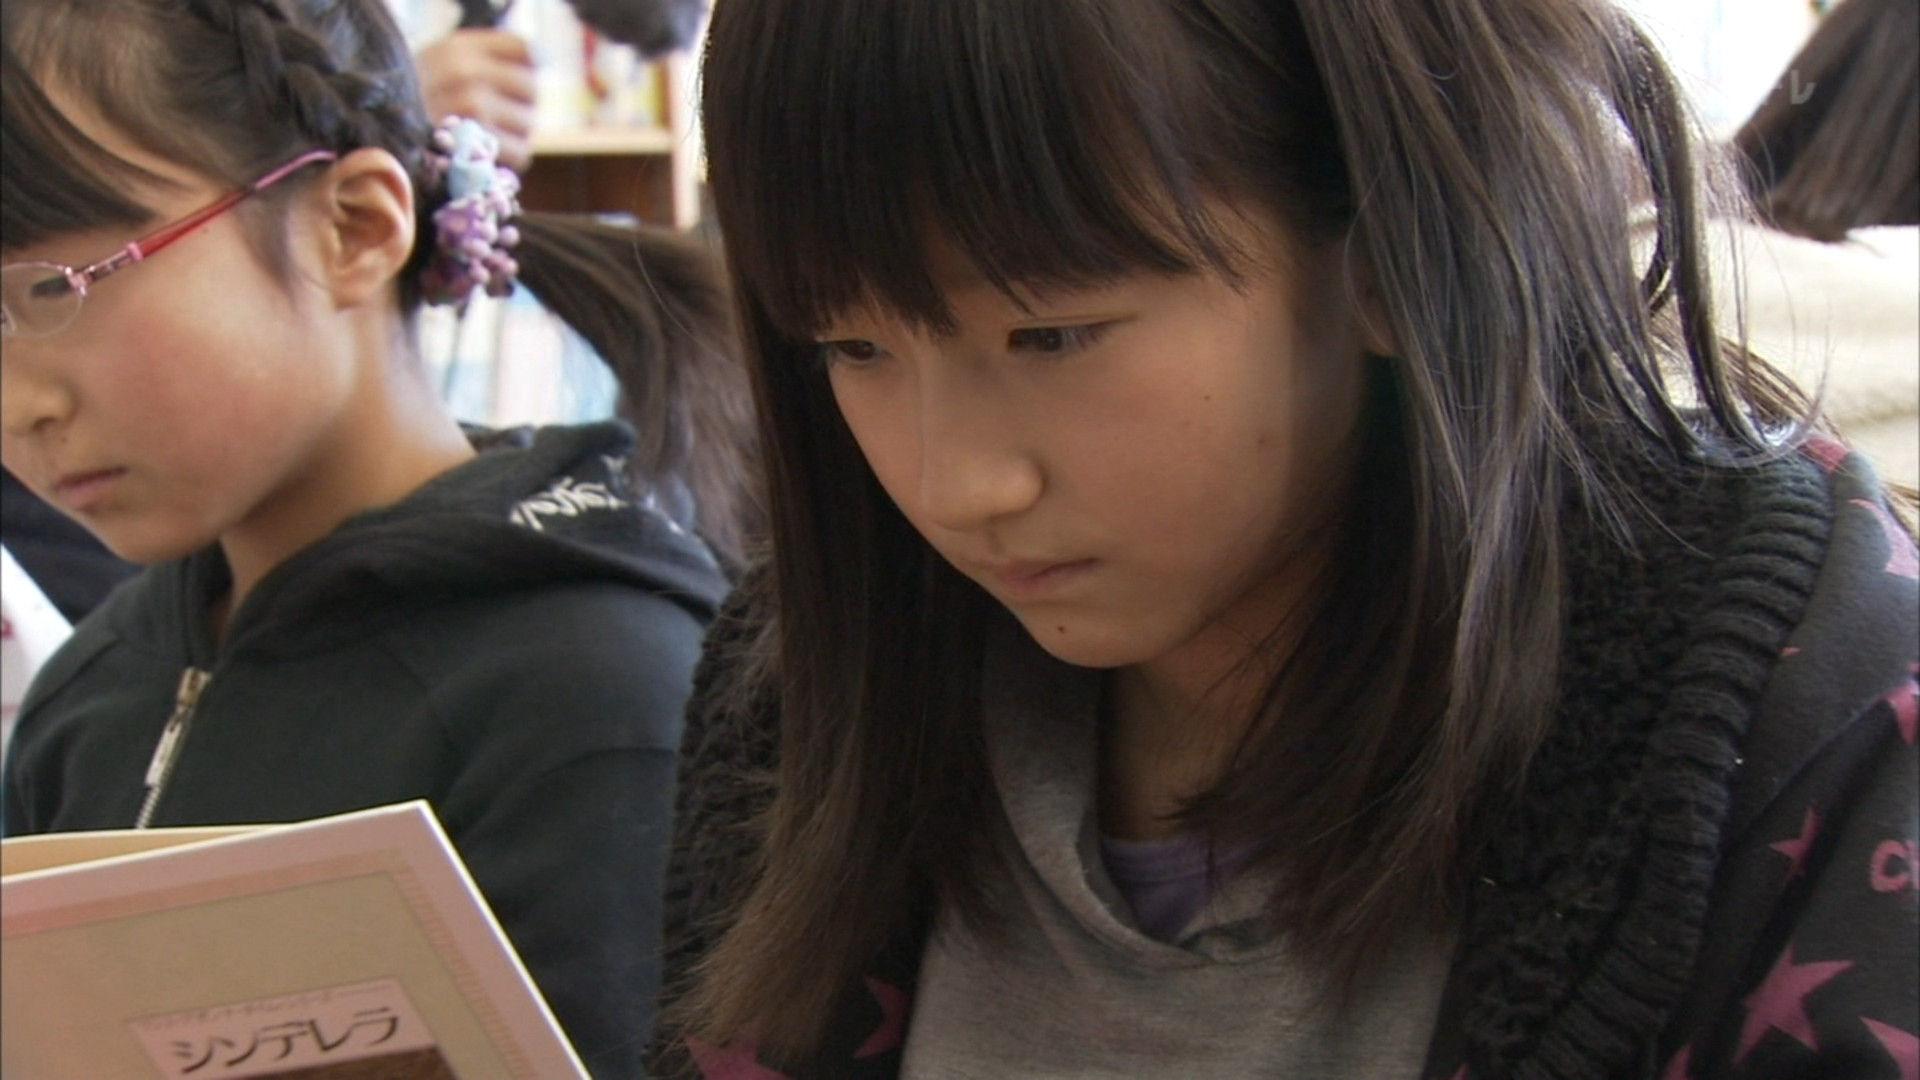 (大人になったら)パチ店員のパンチラ画像 [無断転載禁止]©2ch.netYouTube動画>7本 ->画像>403枚